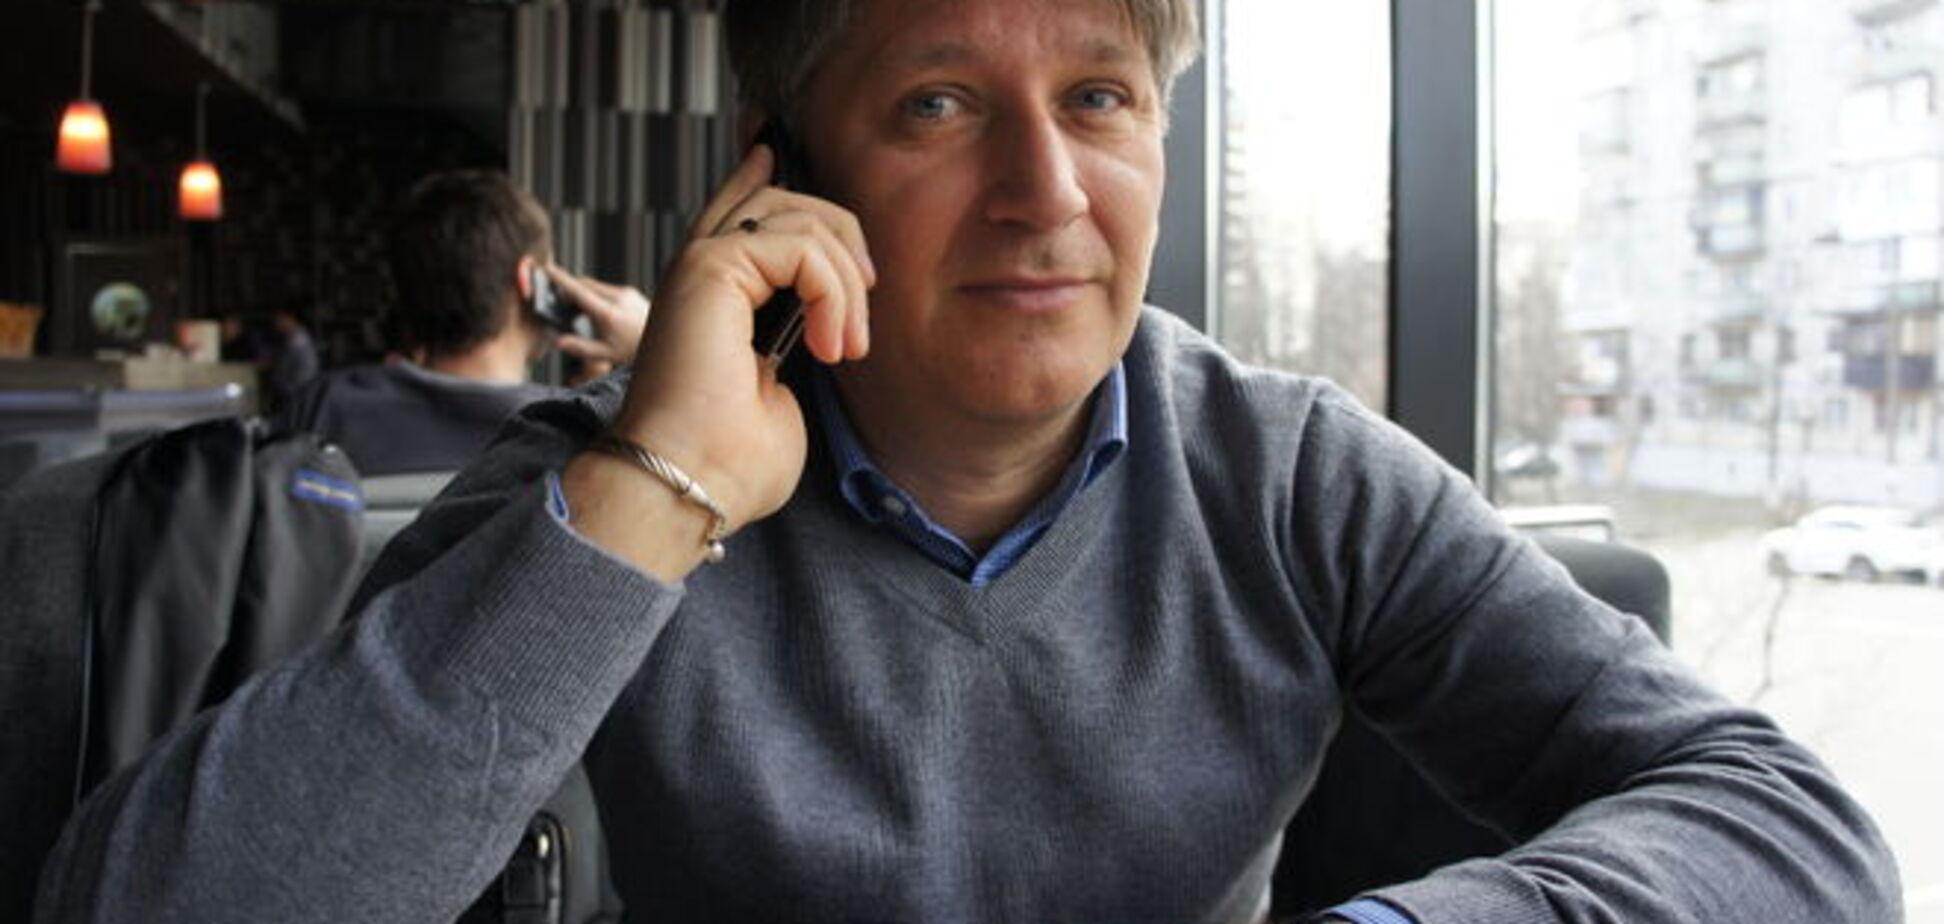 Сергей Ковалец: не поехали в Россию, чтобы не нагнетать обстановку